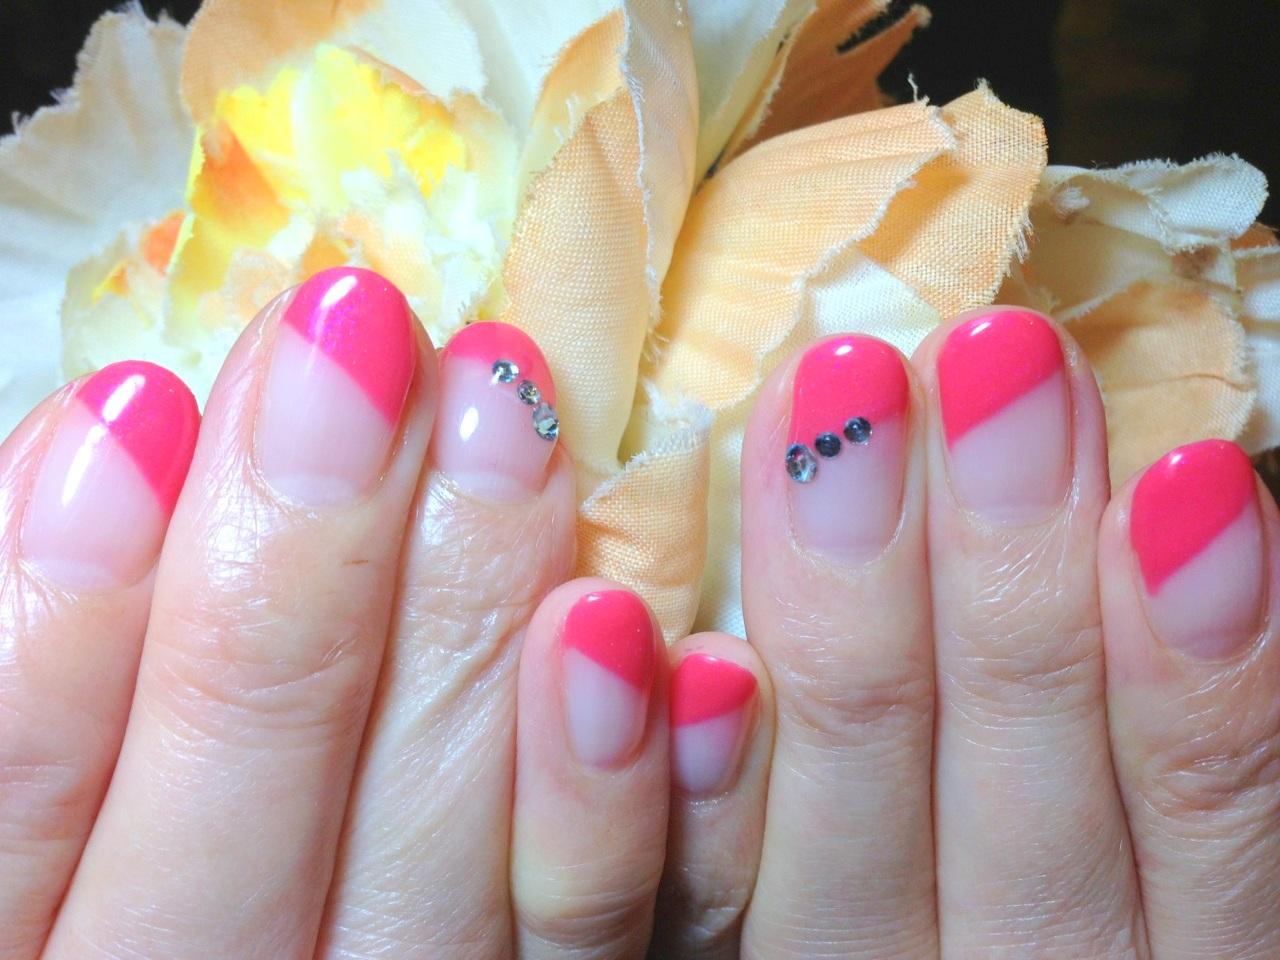 ジェルネイル画像 ピンクネイル ななめフレンチネイル ネオンネイル